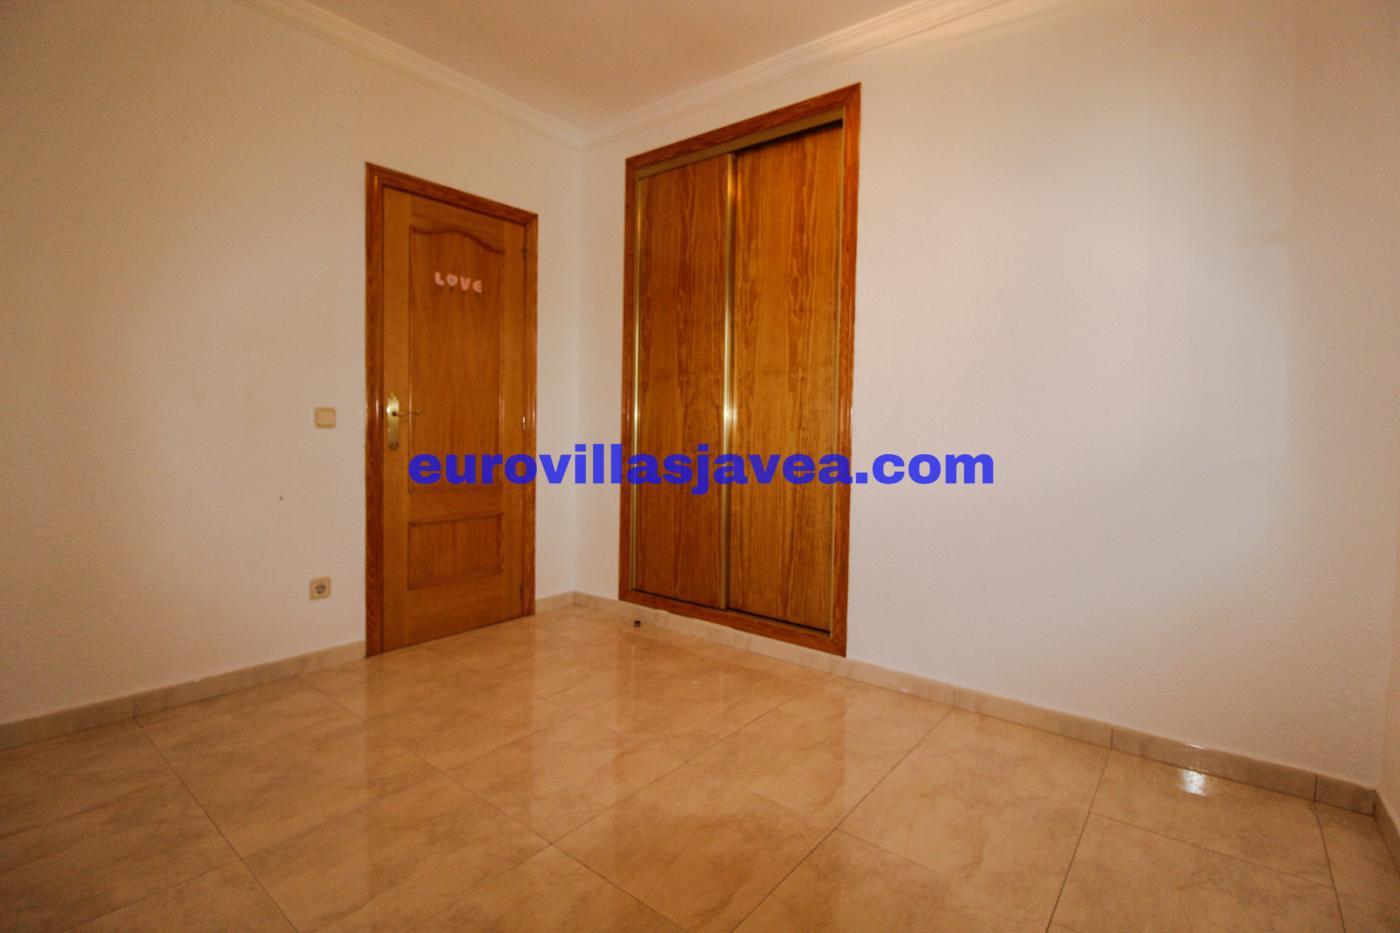 Villa for rent in Pedreguer